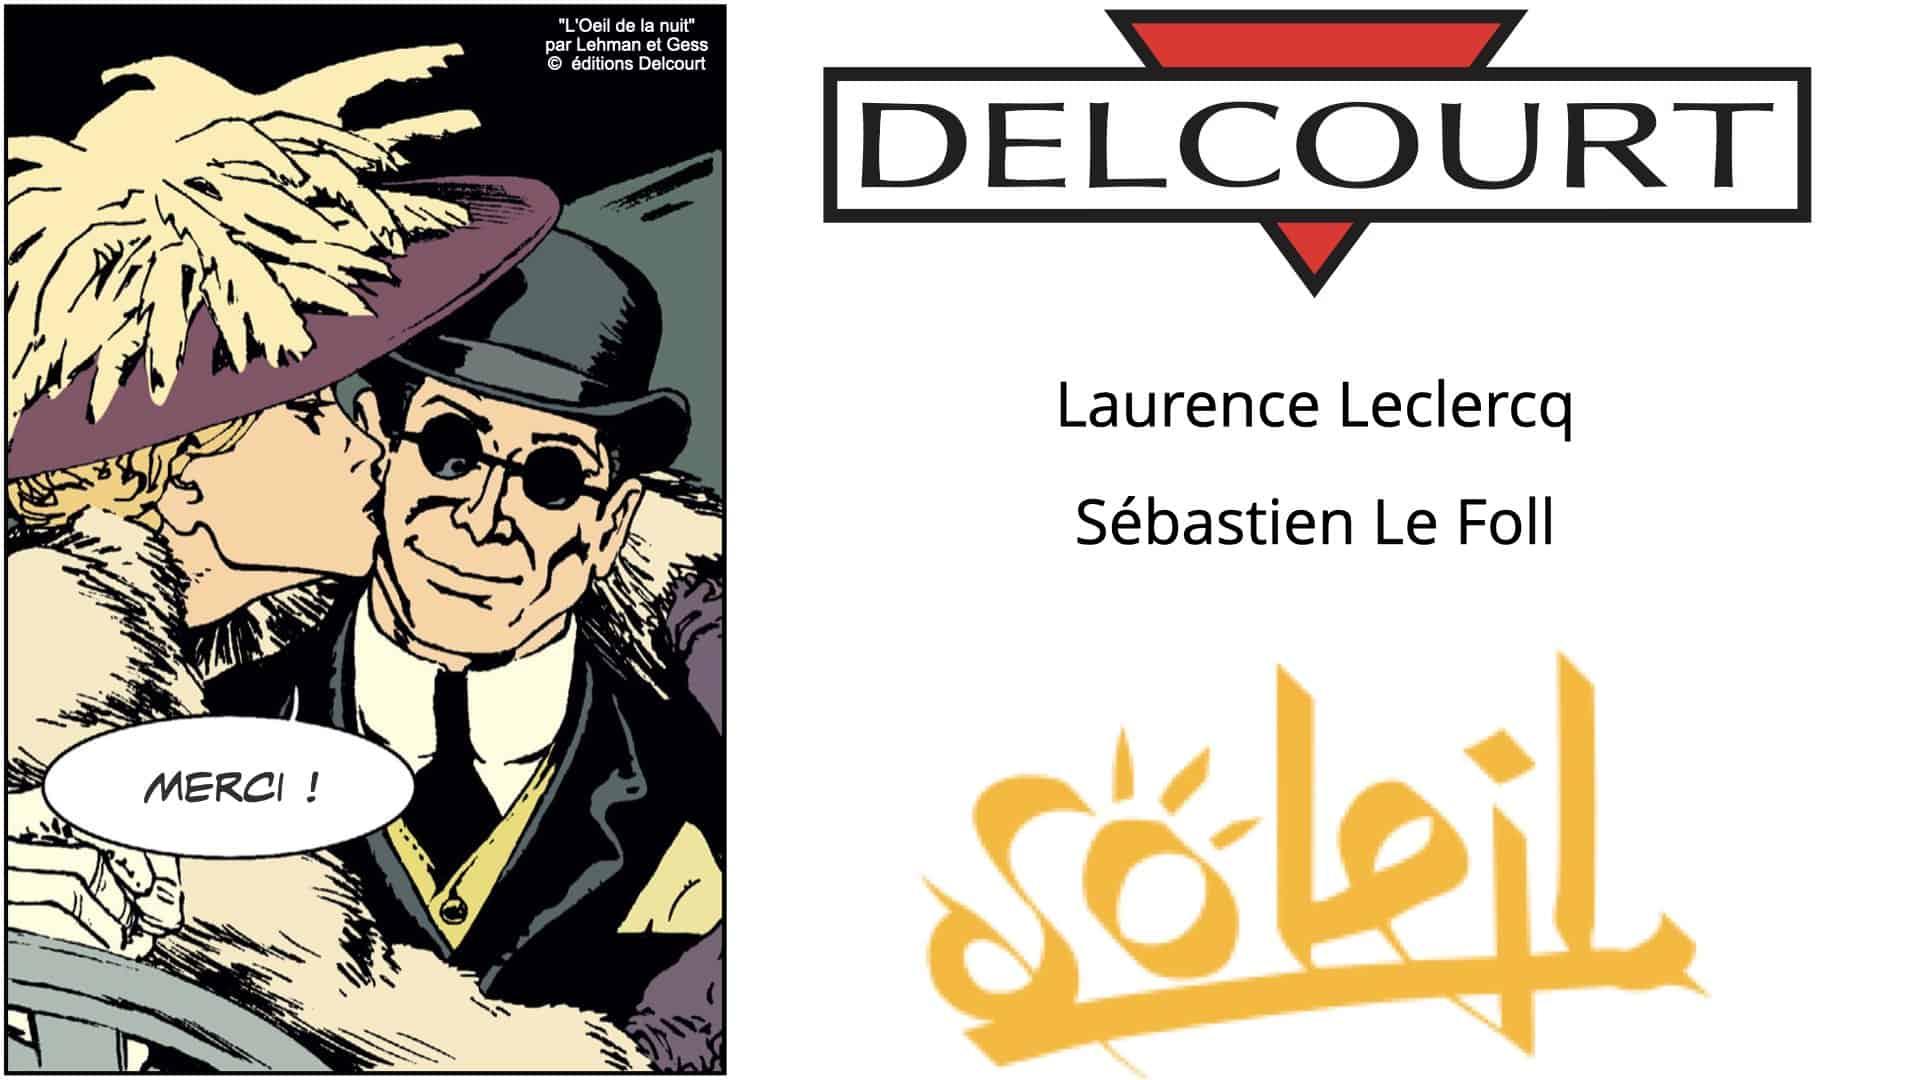 générique Delcourt Soleil 2021 ***16:9***.001